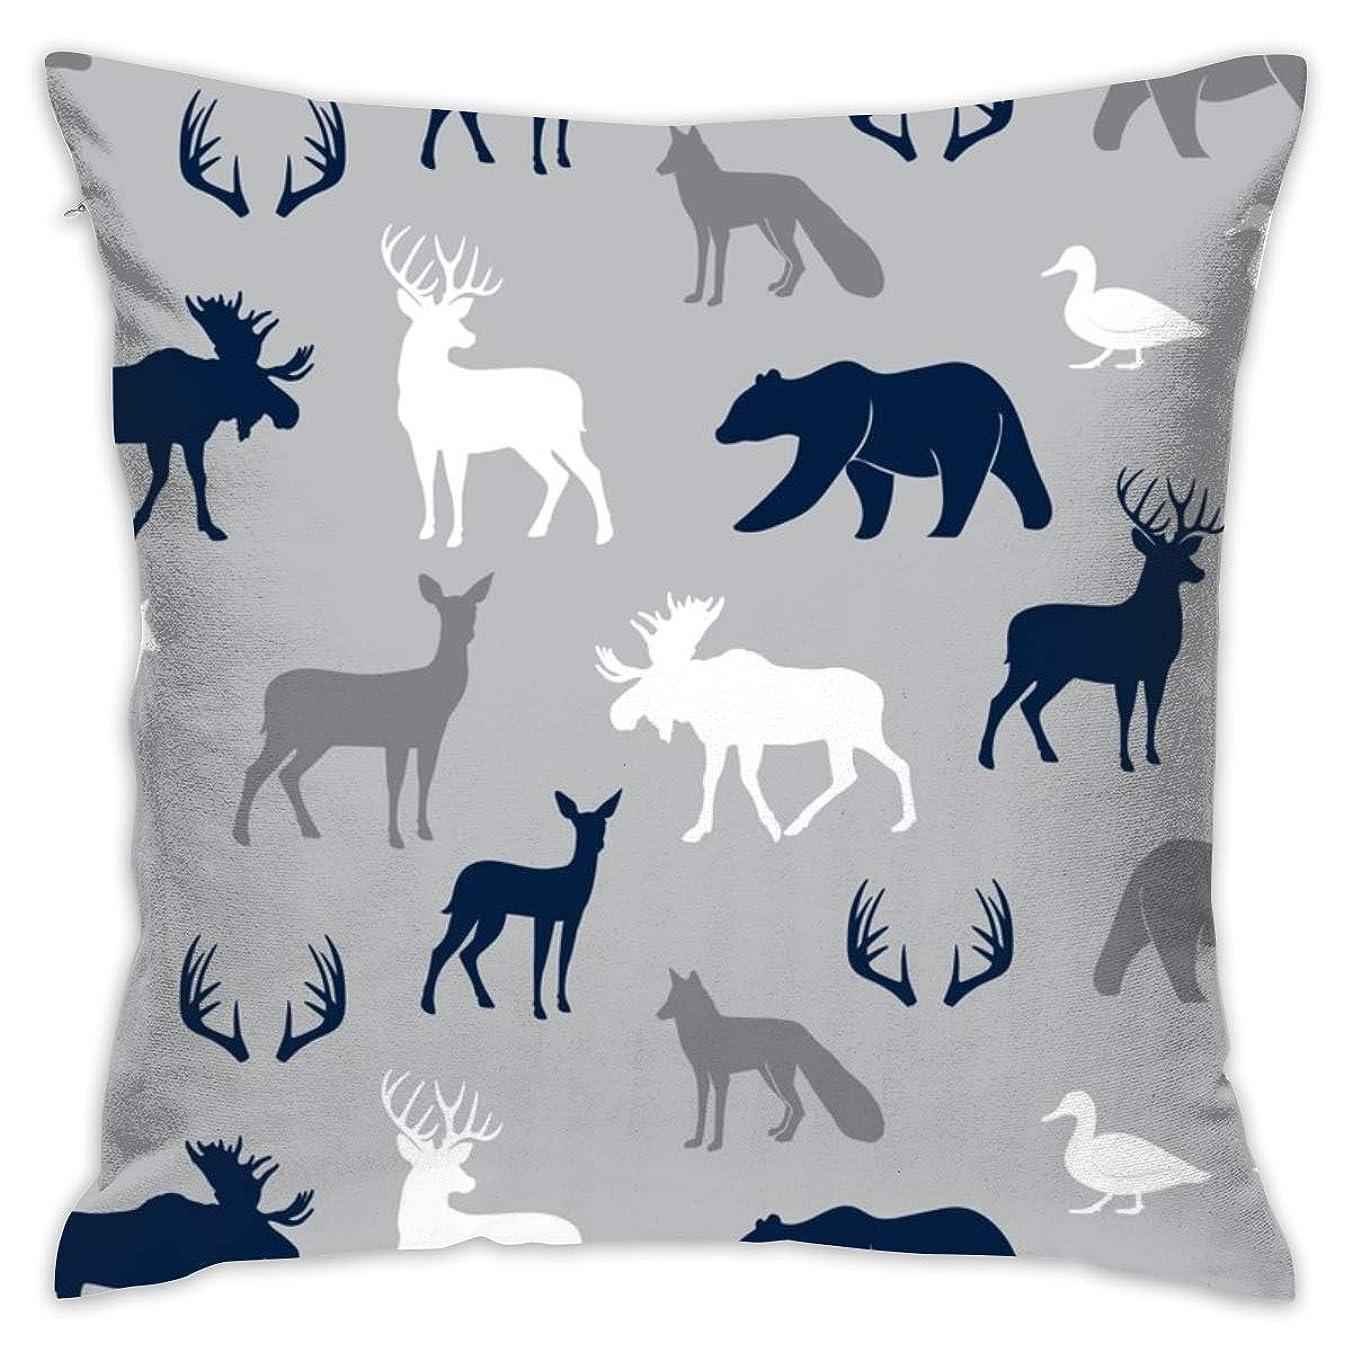 駐地アイザック分割(小規模)ウッドランド動物 - ネイビーとグレーLAD19装飾的な正方形の投球枕カバー18 x 18インチ45 x 45 cm